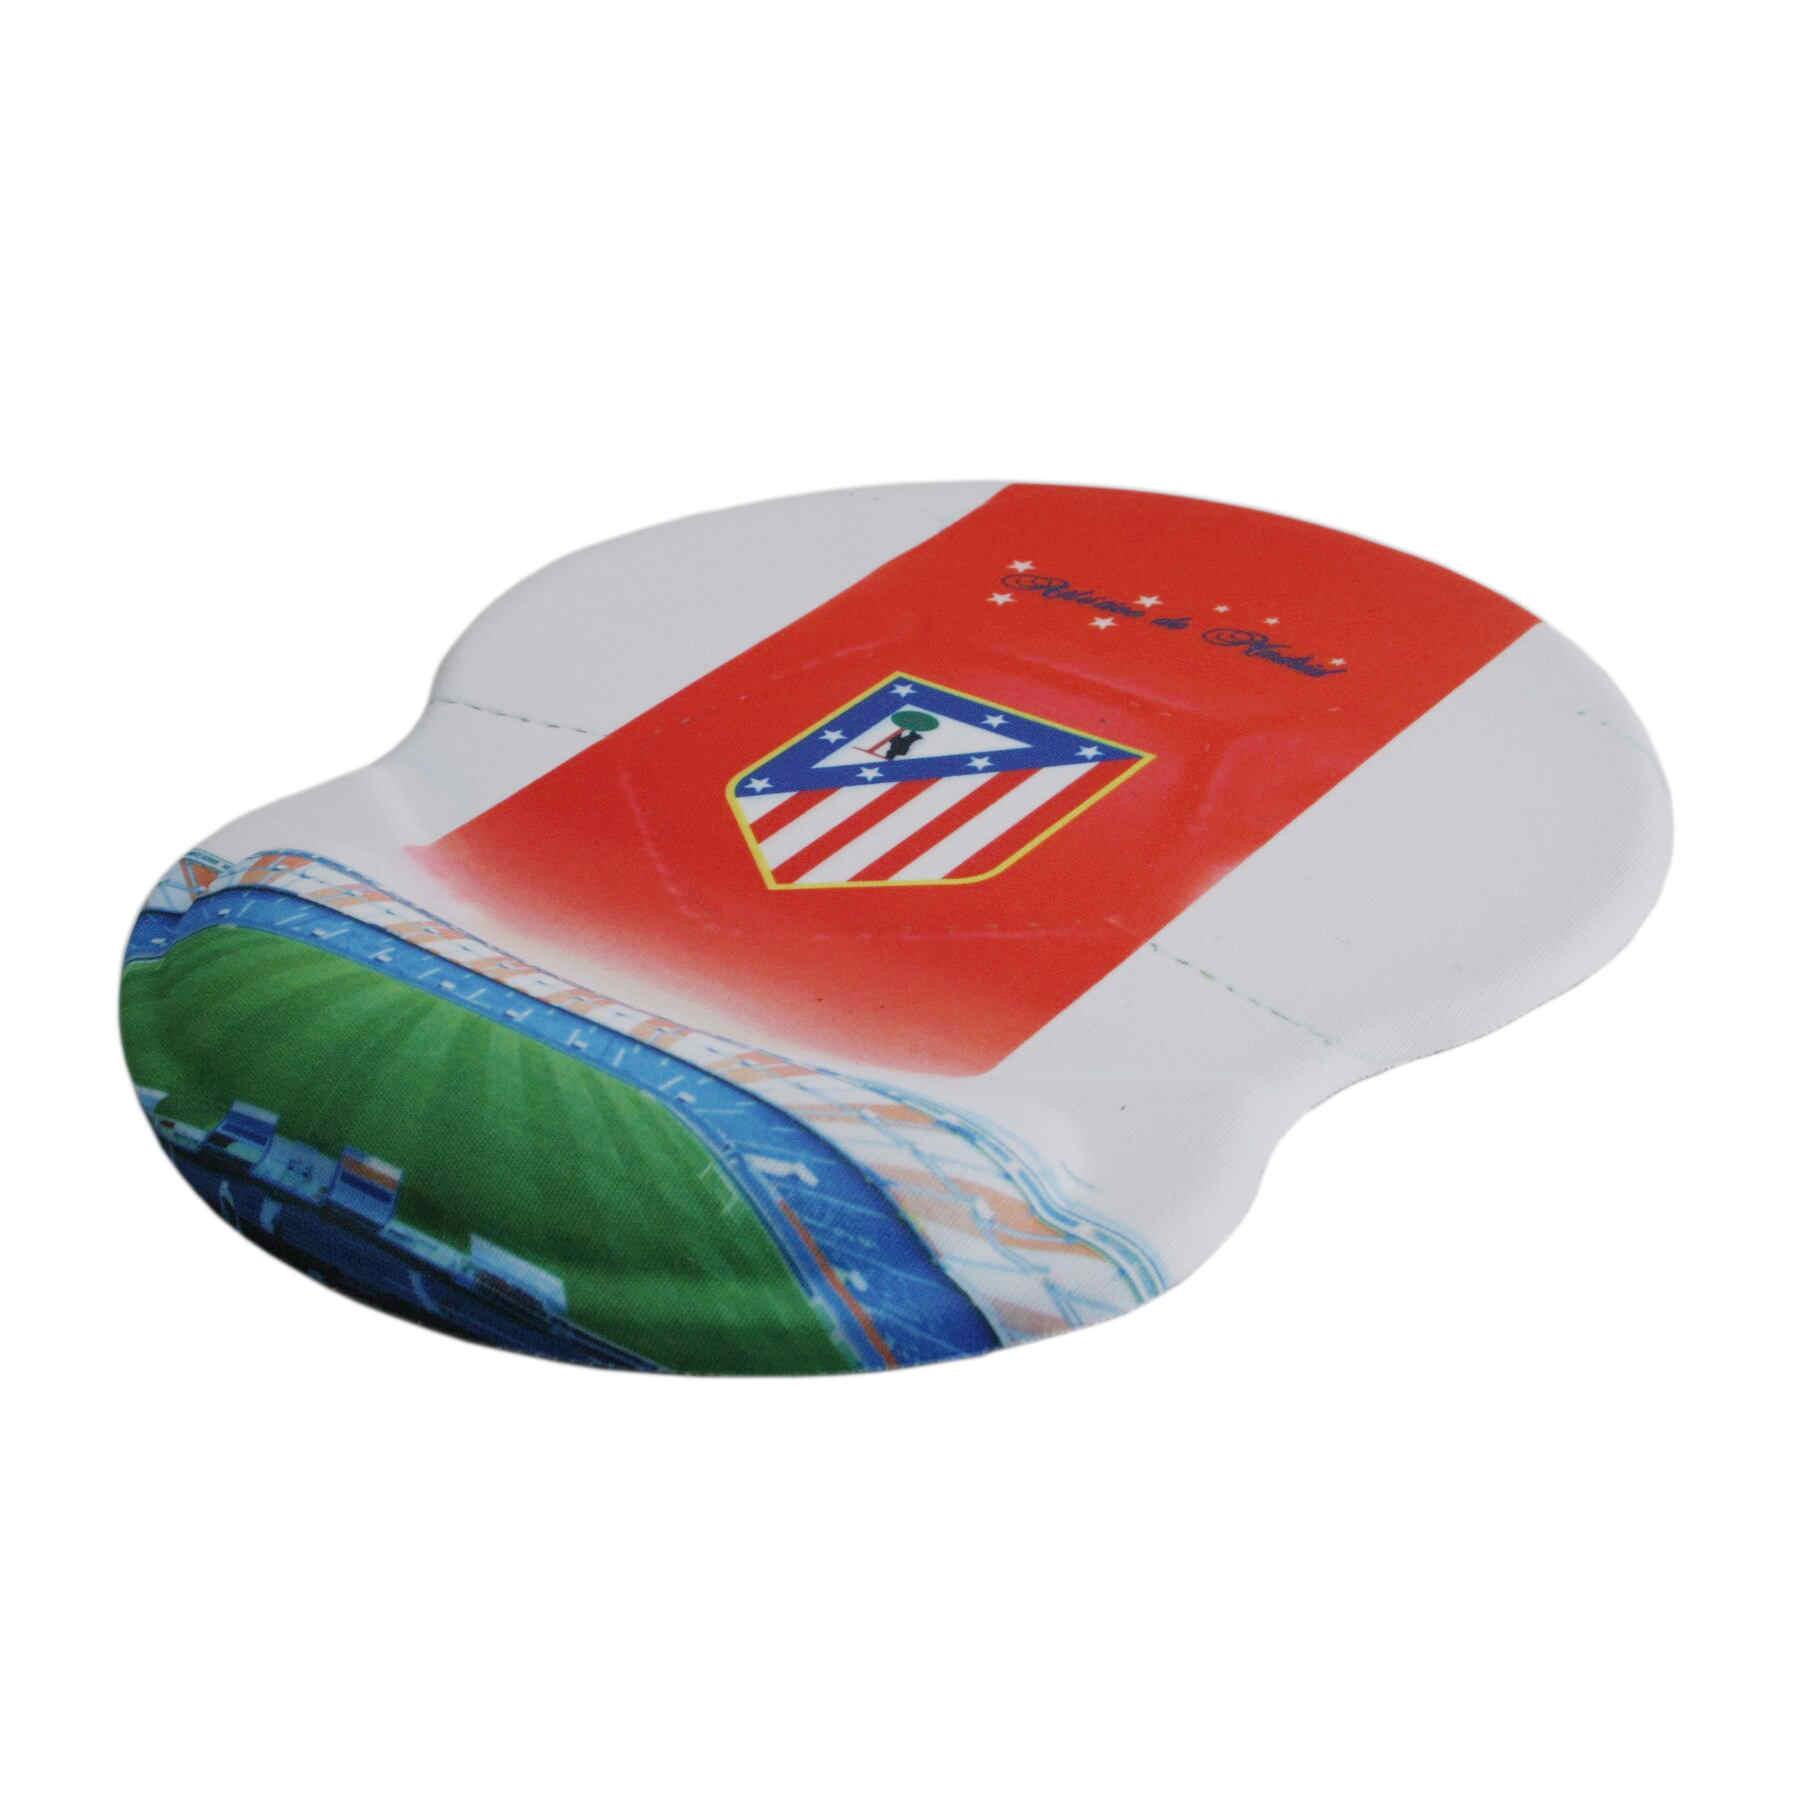 Almohadilla para el ratón con reposamuñecas de gel de Atlético de Madrid